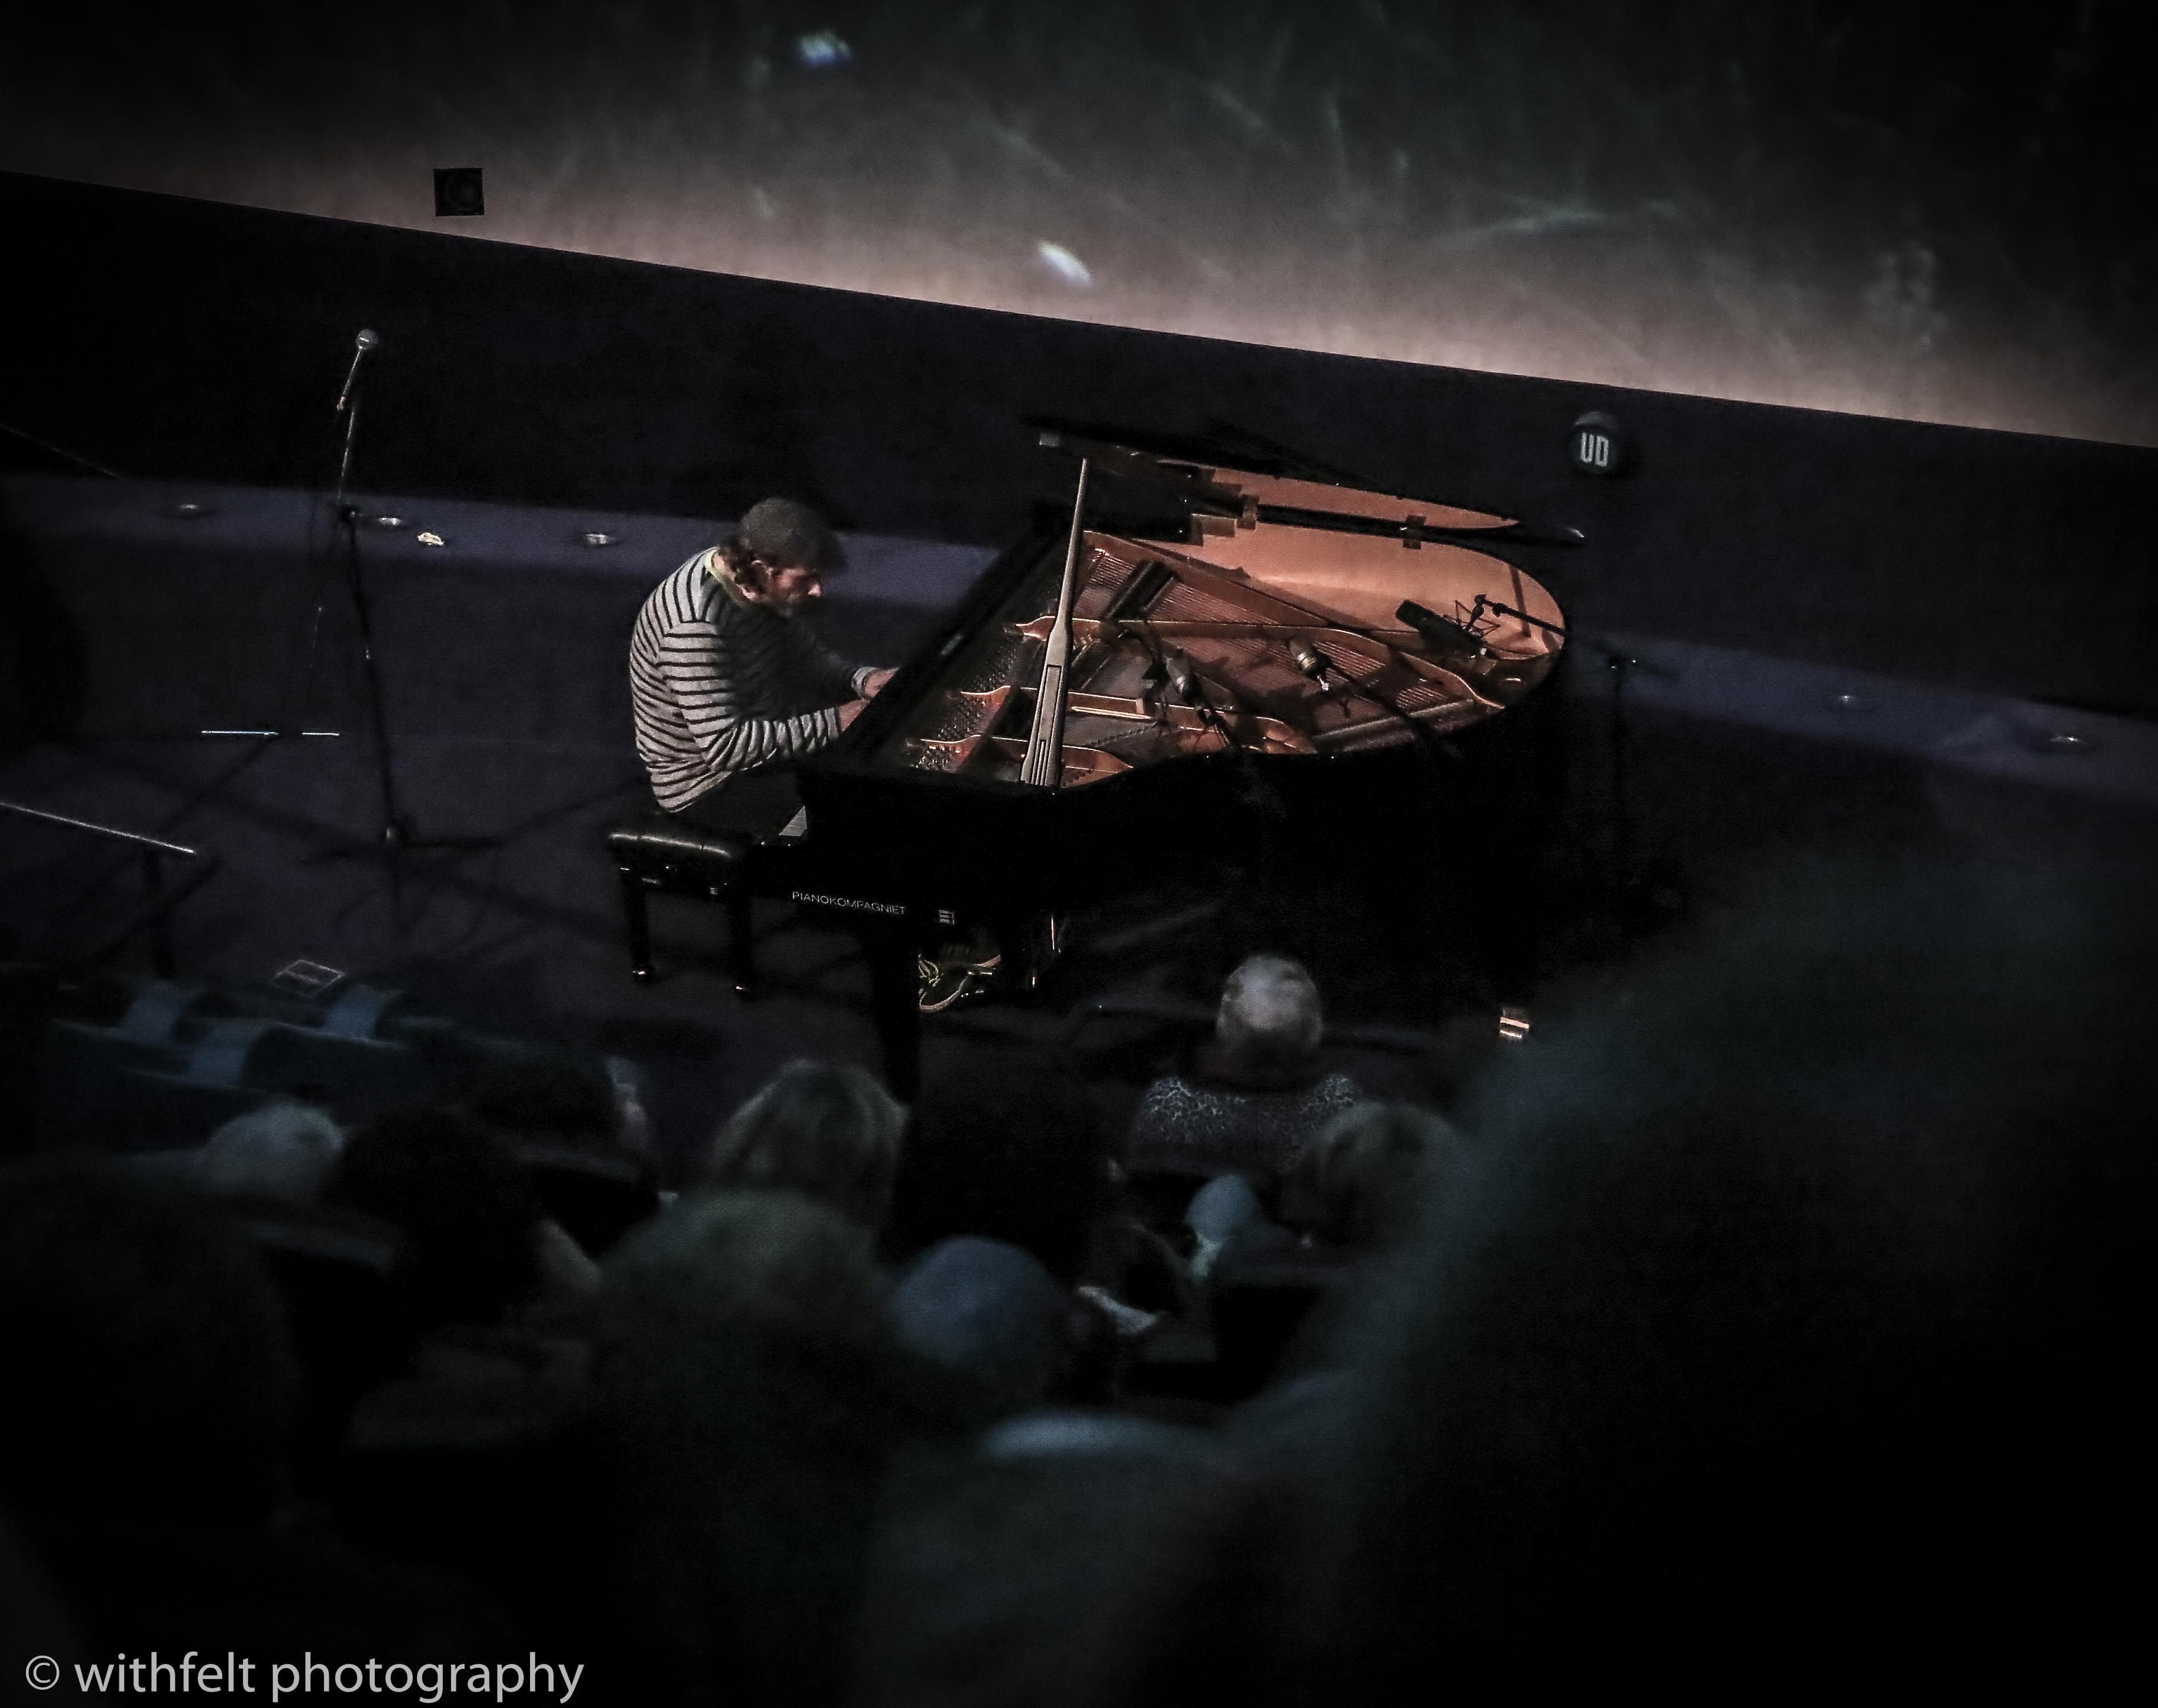 Carsten Dahl at the Tycho Brahe Planetarium in Copenhagen, Denmark 05.11.2014